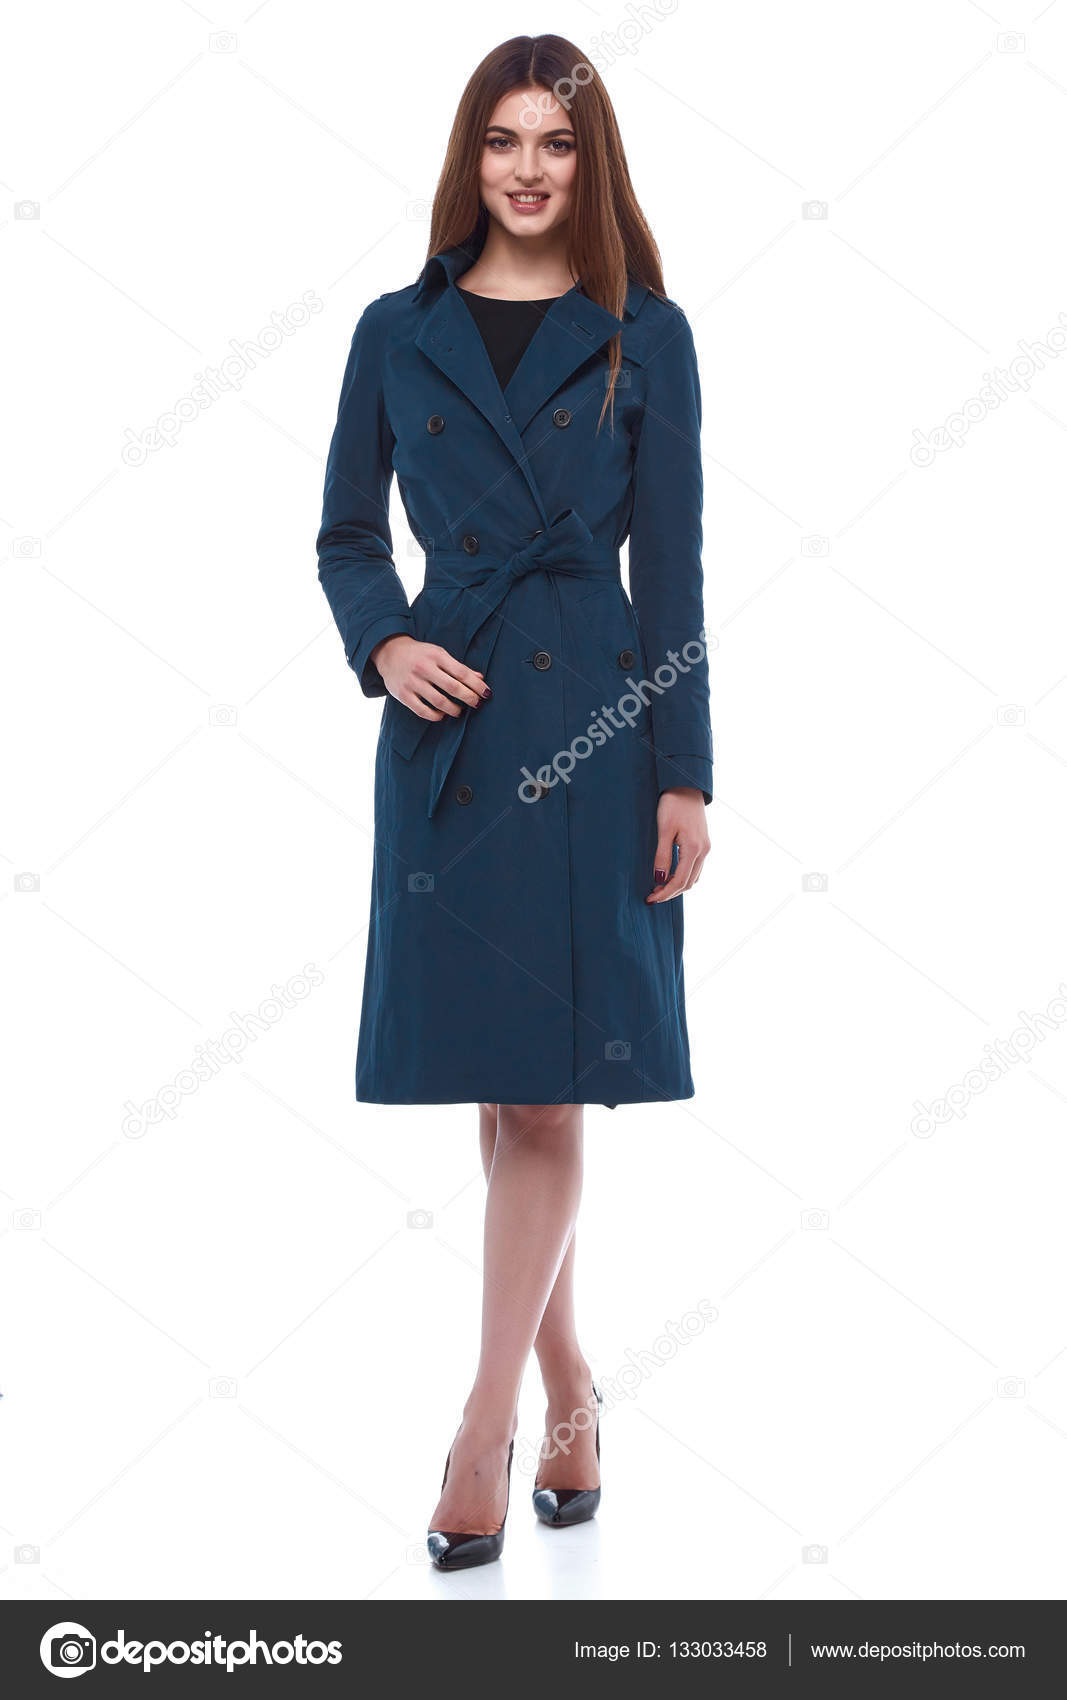 Schönheit Frau Modell tragen stilvolles Design Trend Kleidung ...